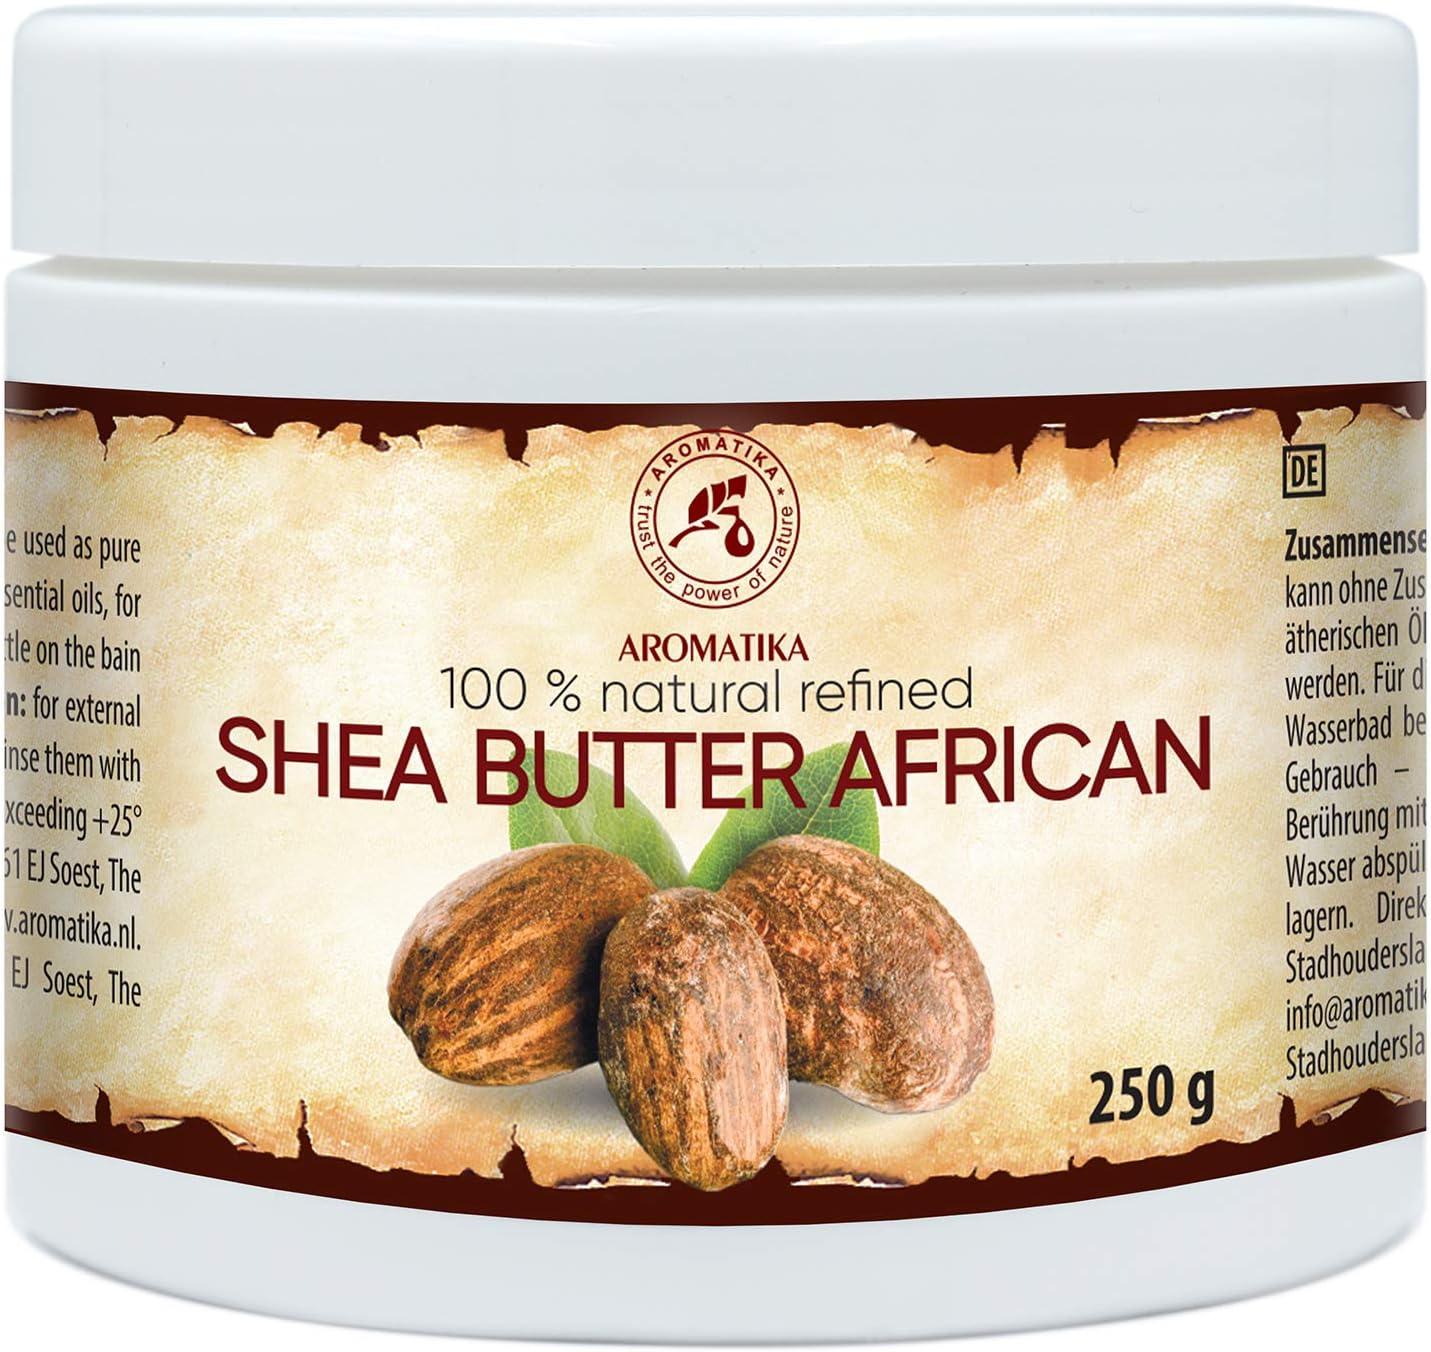 Manteca de Karité Africana 250g - Ghana - Refinado - 100% Puro y Natural - Mejor para el Cabello - Piel - Labio - Cara - Cuidado del Cuerpo - Shea Butter - Botella de Vidrio